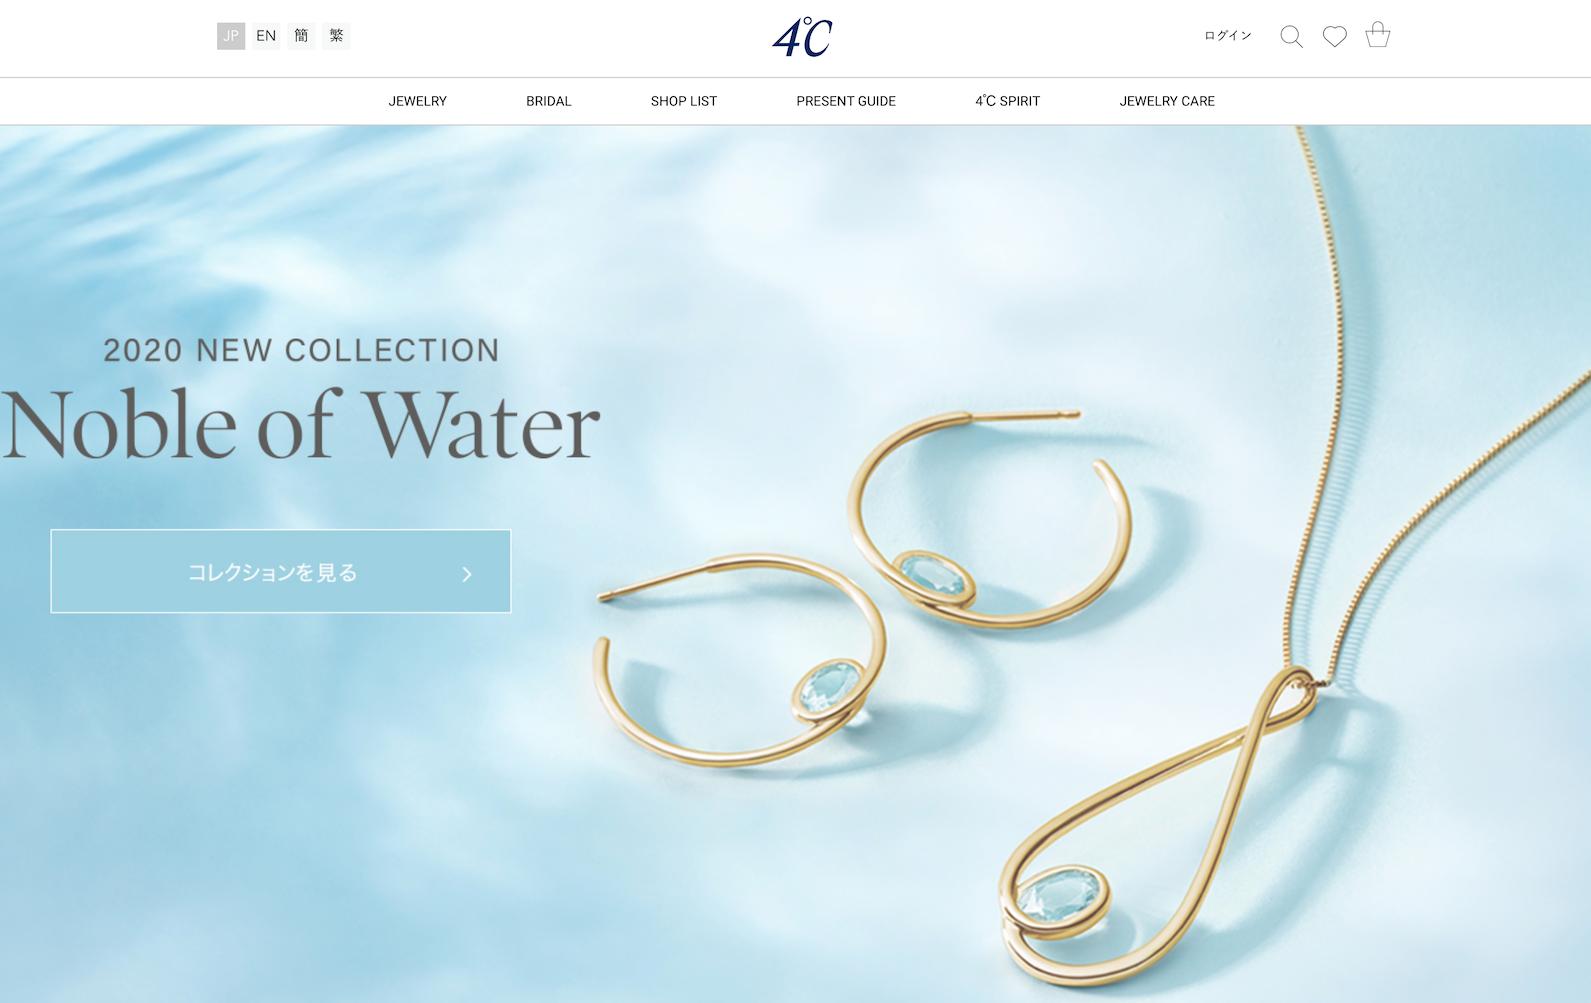 日本珠宝业的生力军 4°C Holdings 业绩下滑,宣布退出中国市场